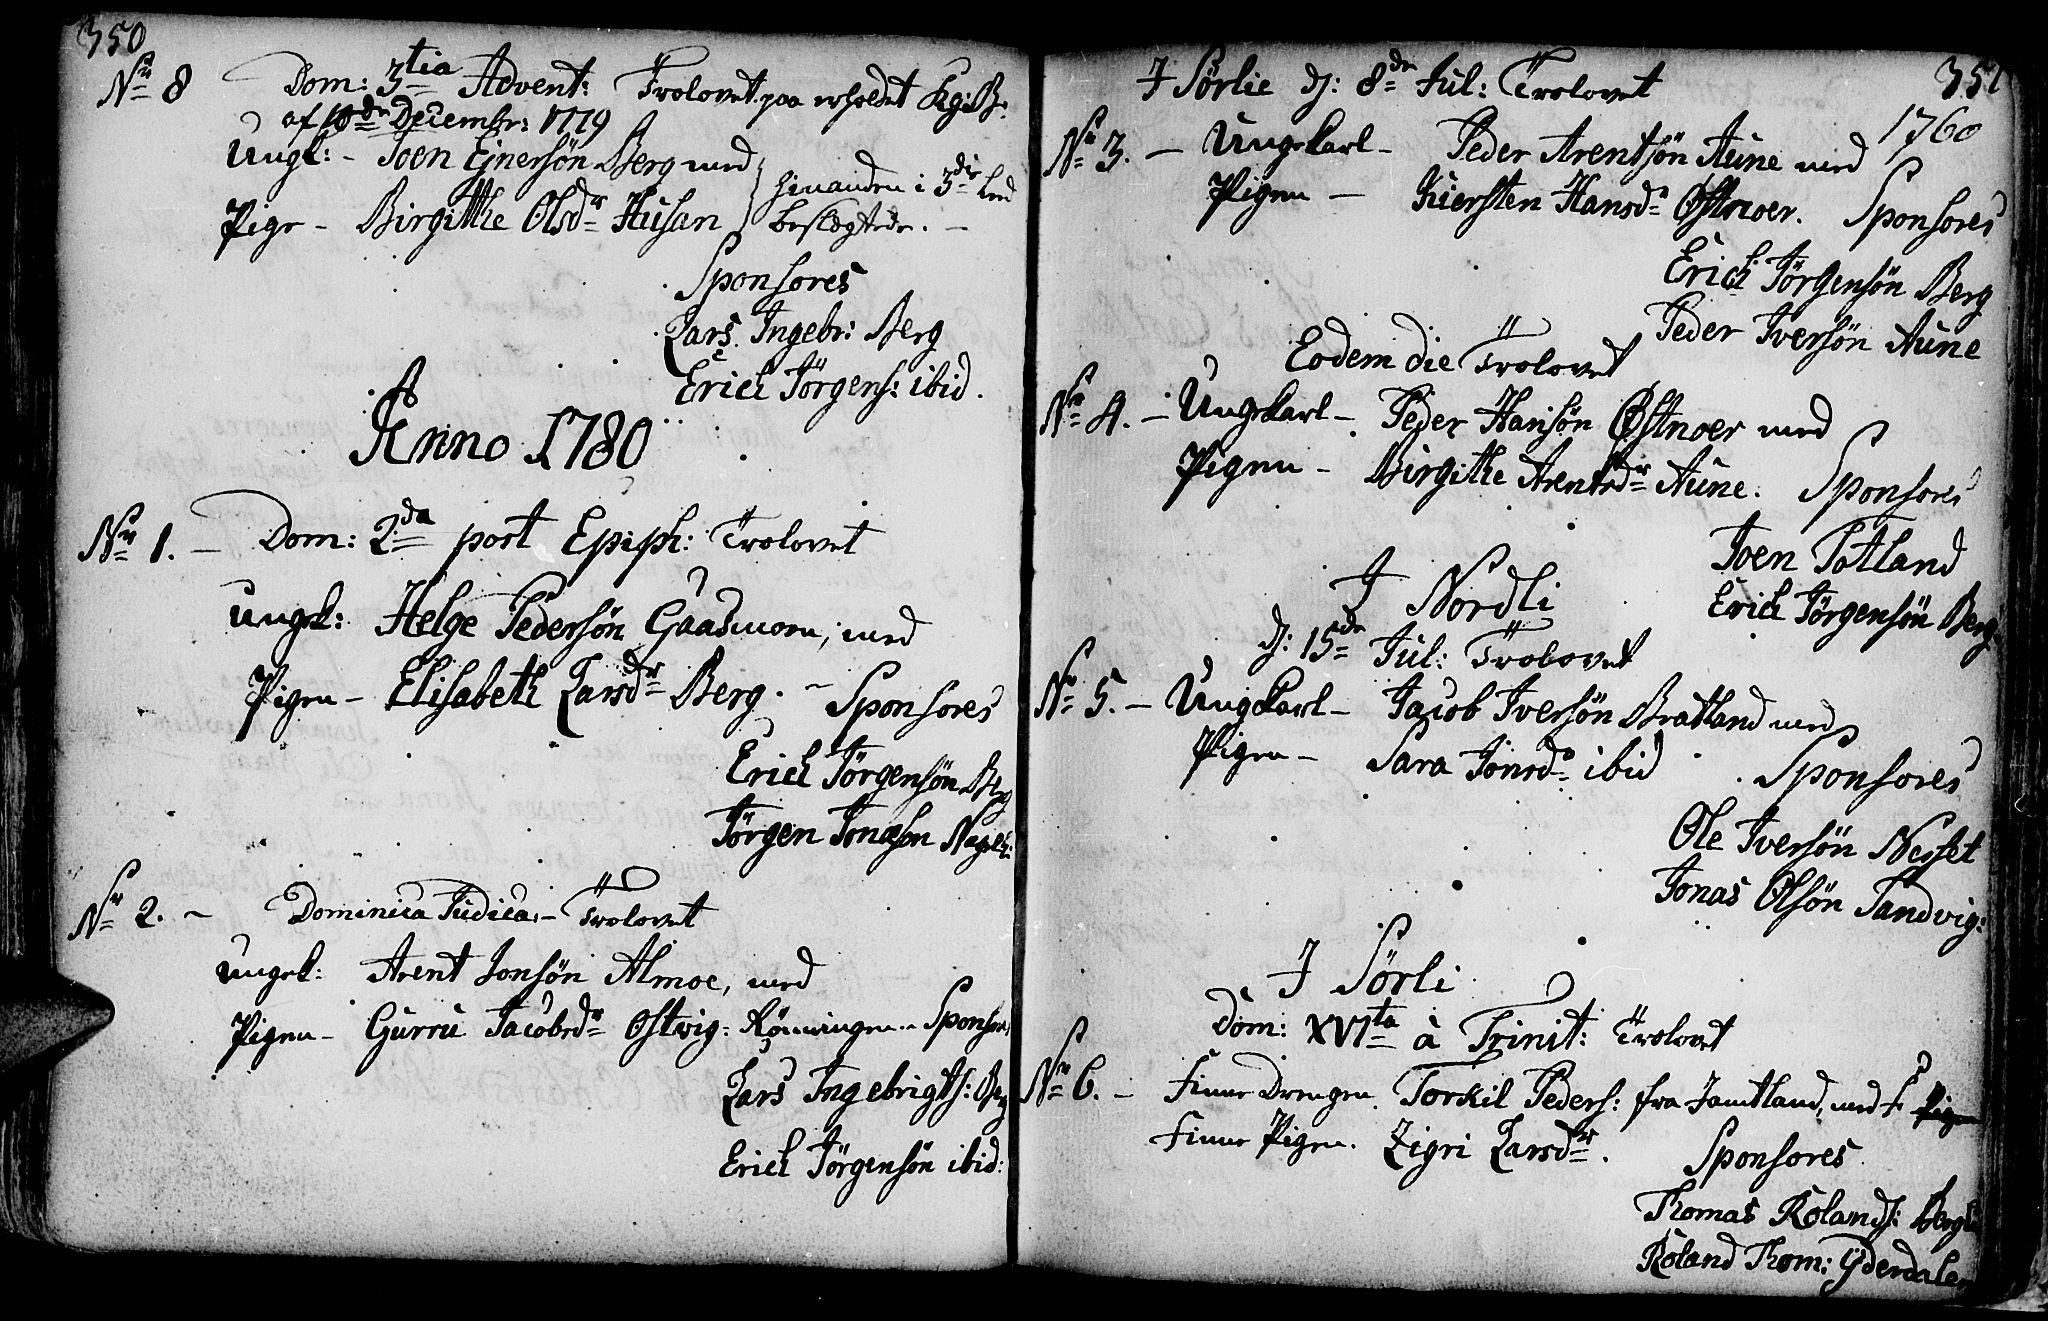 SAT, Ministerialprotokoller, klokkerbøker og fødselsregistre - Nord-Trøndelag, 749/L0467: Ministerialbok nr. 749A01, 1733-1787, s. 350-351